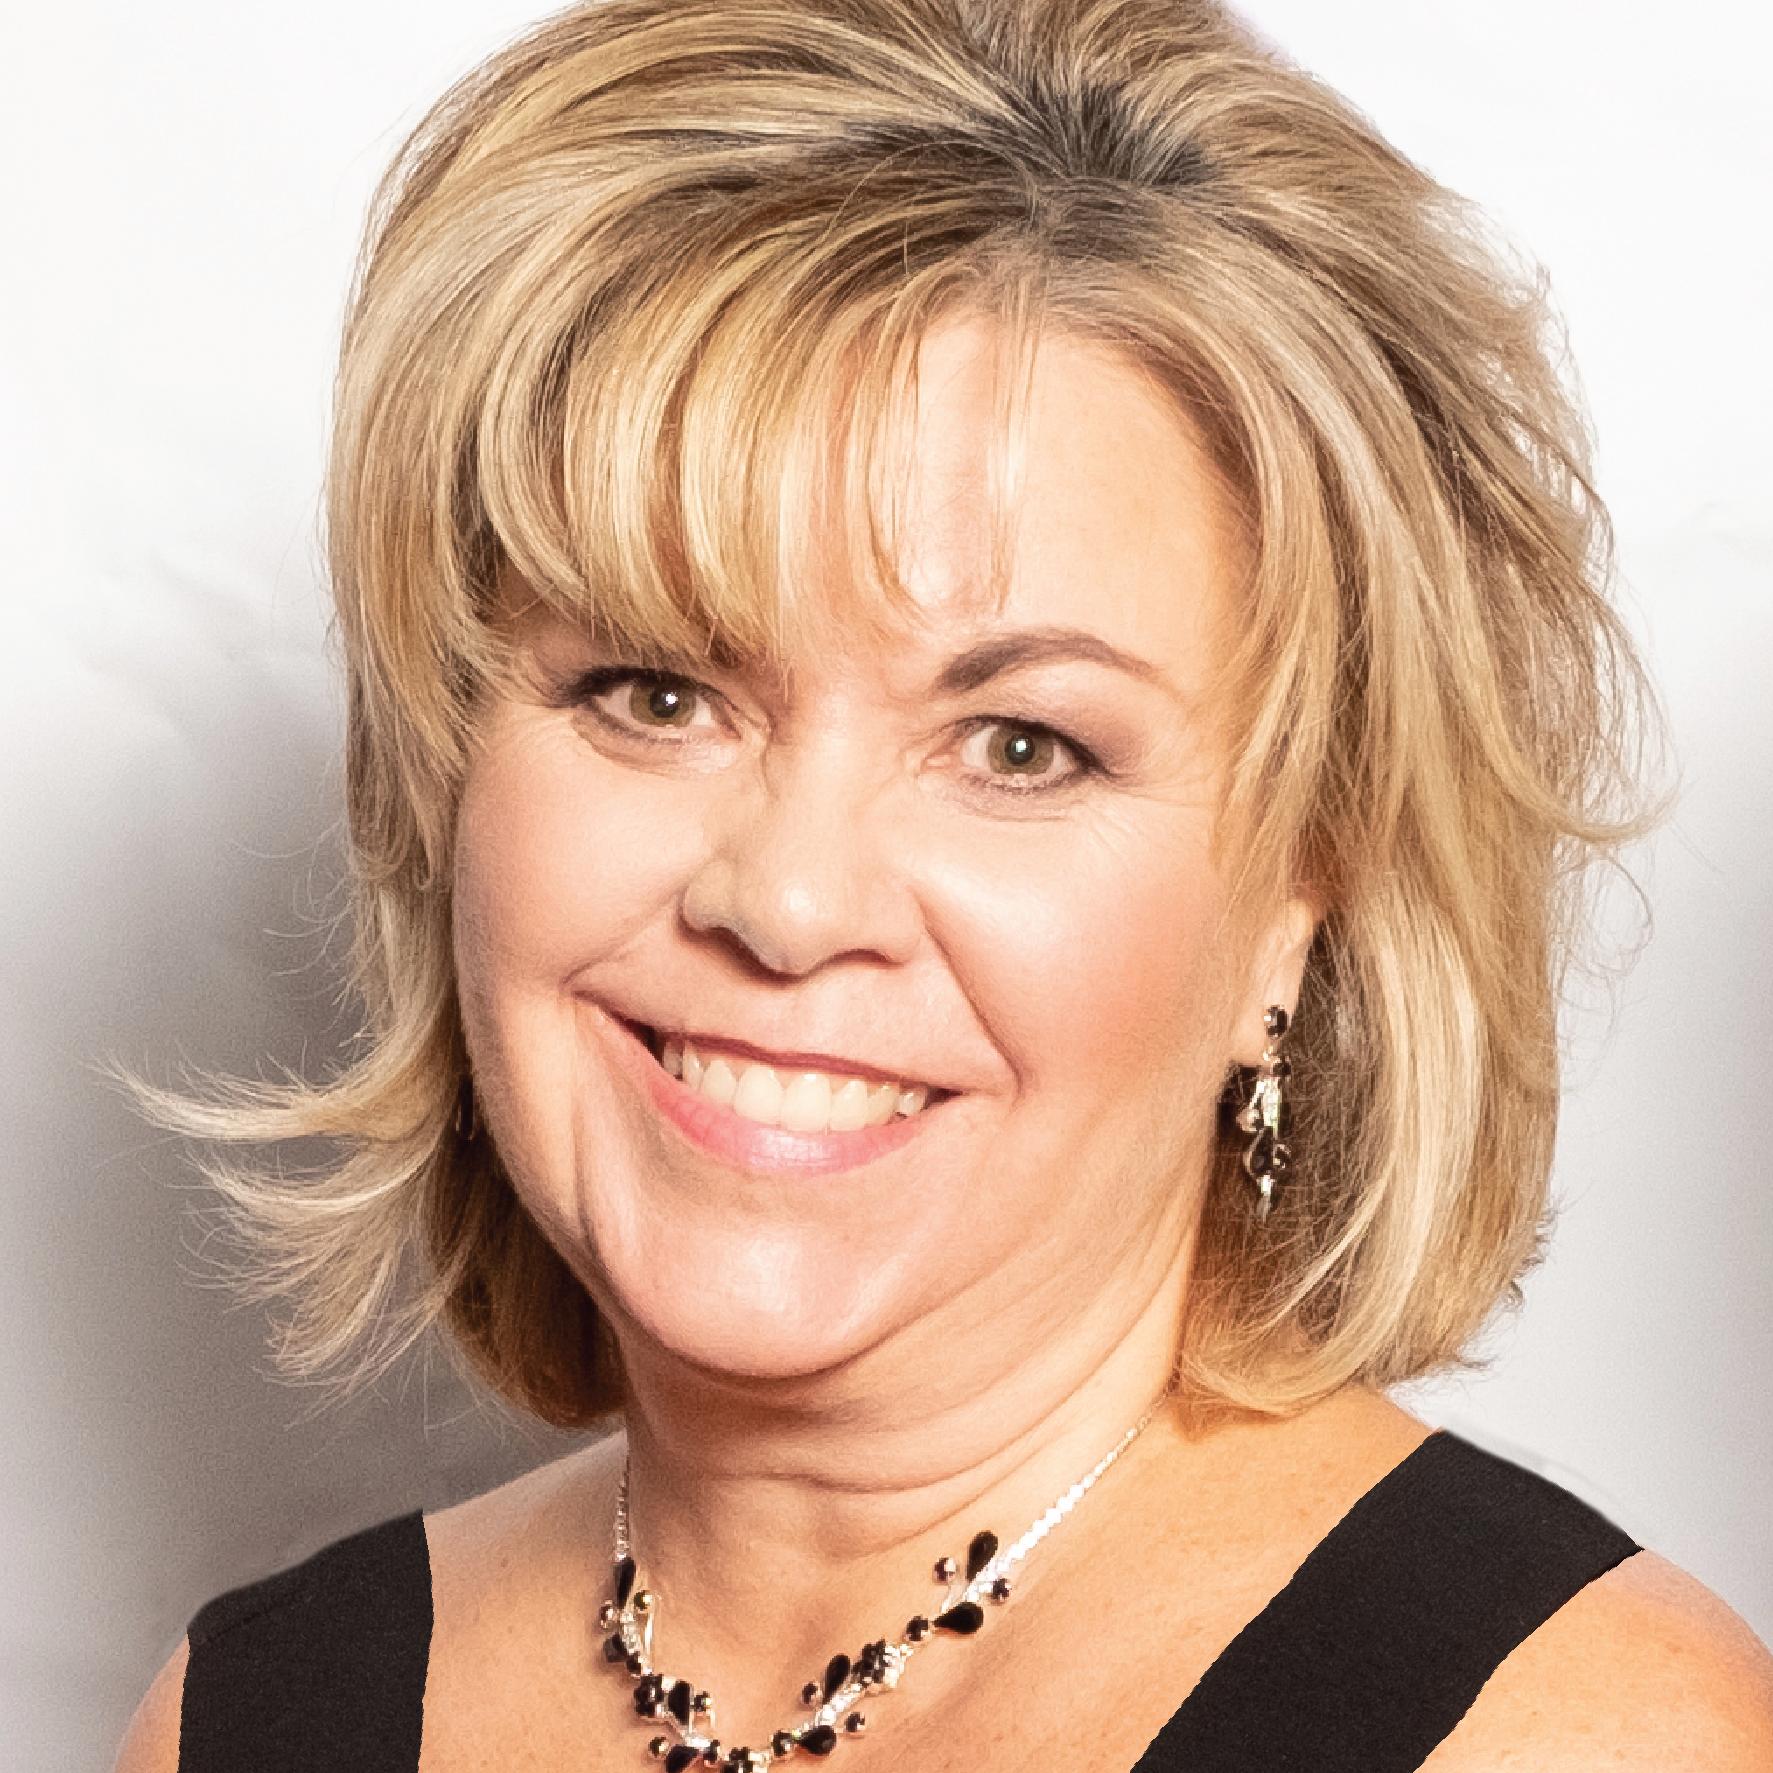 Sherri Stevens - Owner & CEO, WXN